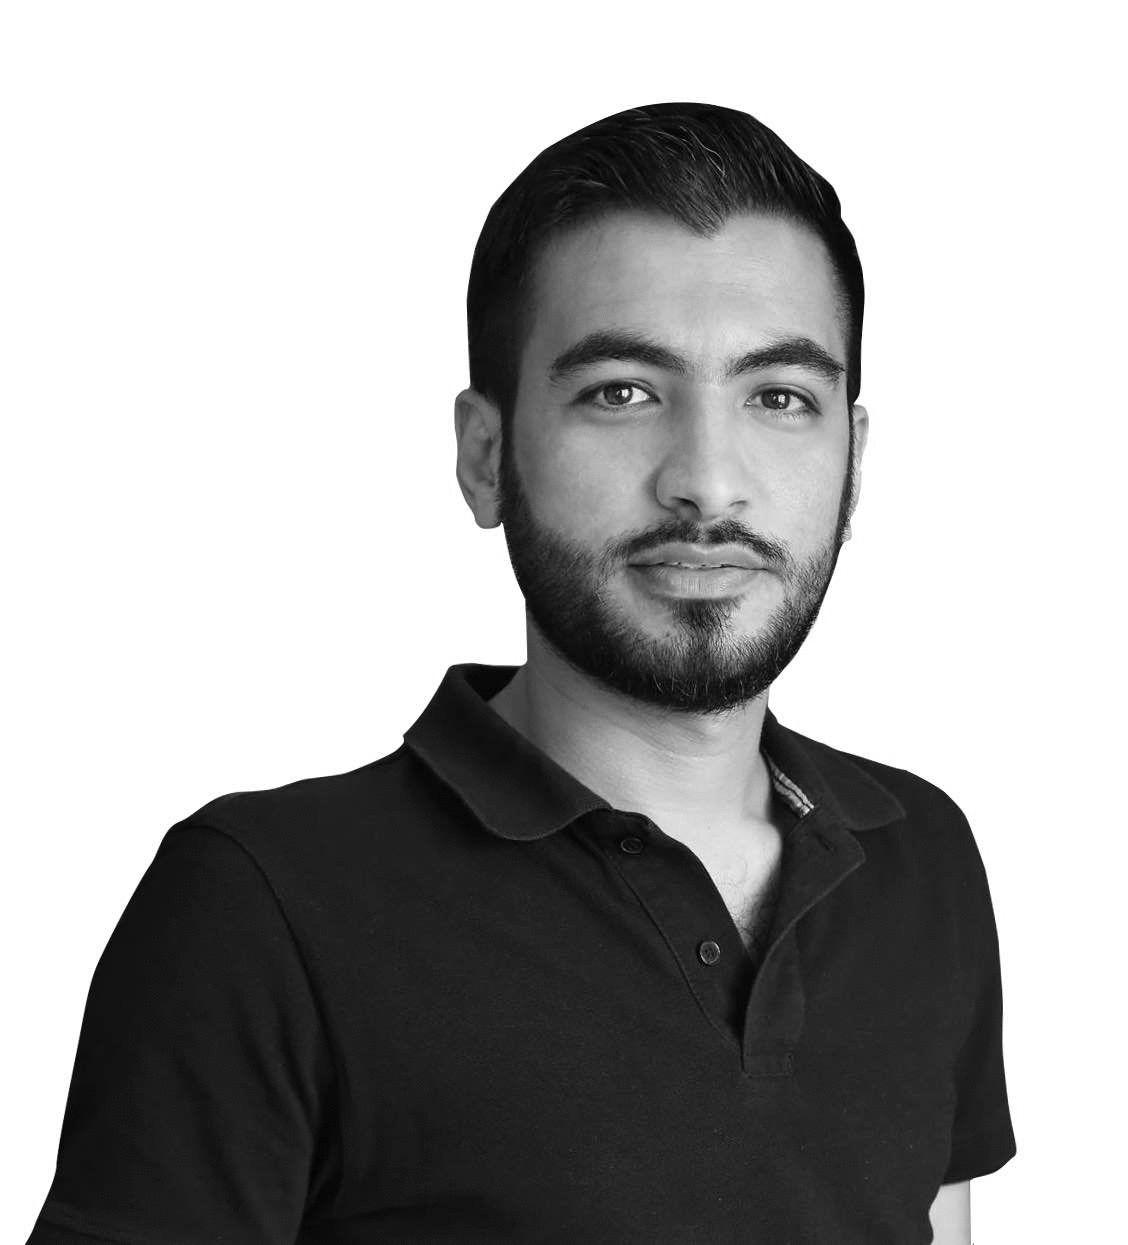 عمر الجنابي Headshot